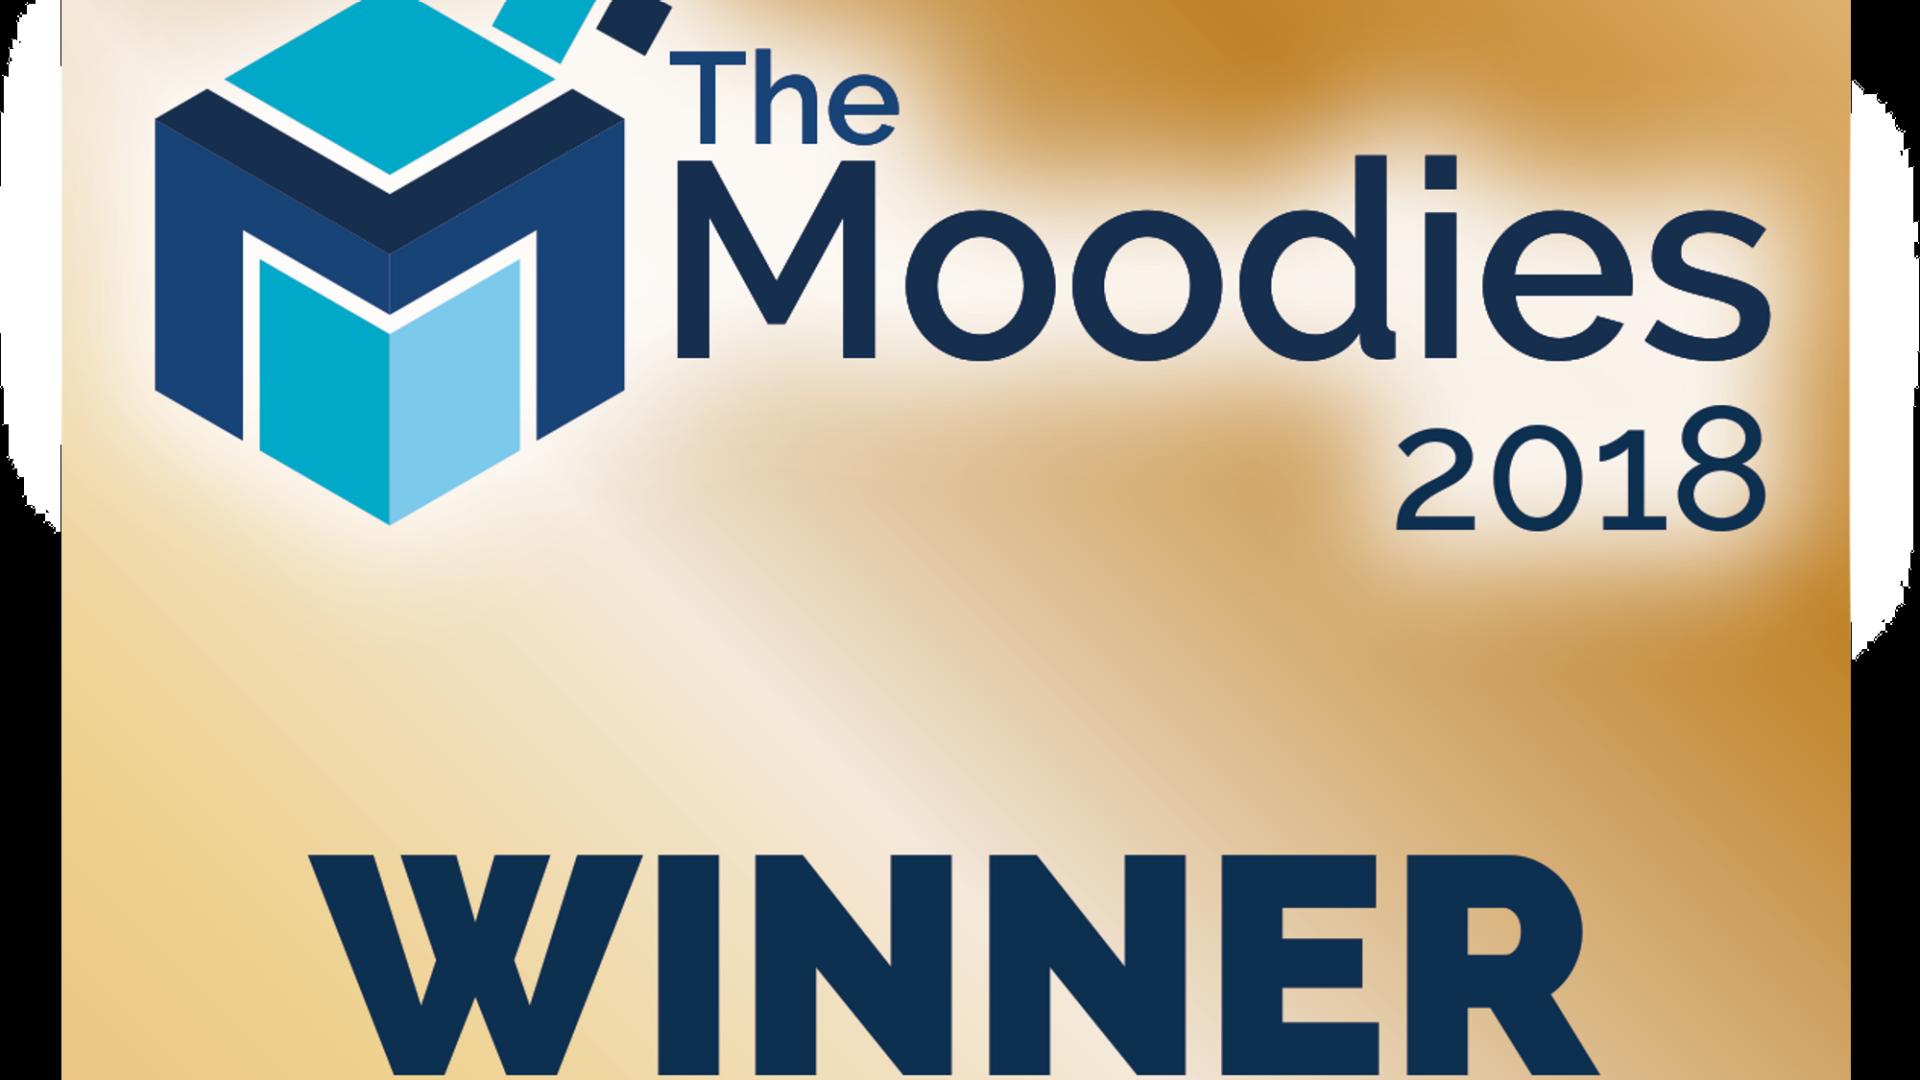 the moo s winner 2018